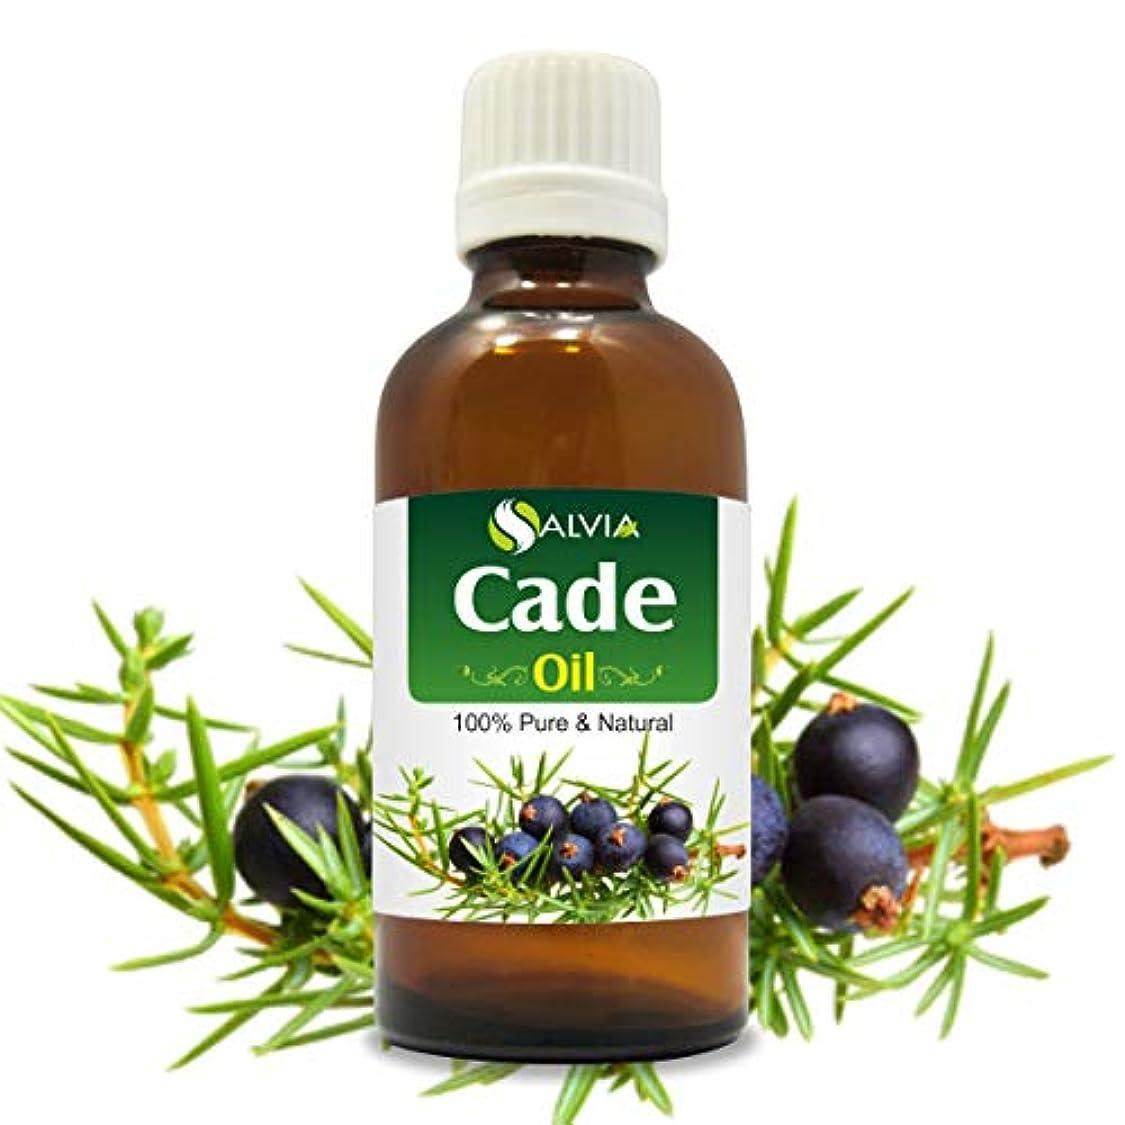 脊椎余暇ランクCade Essential Oil (Juniperus oxycedrus) Therapeutic Oil 100% Pure & Natural - Undiluted Uncut Aromatherapy Oil...